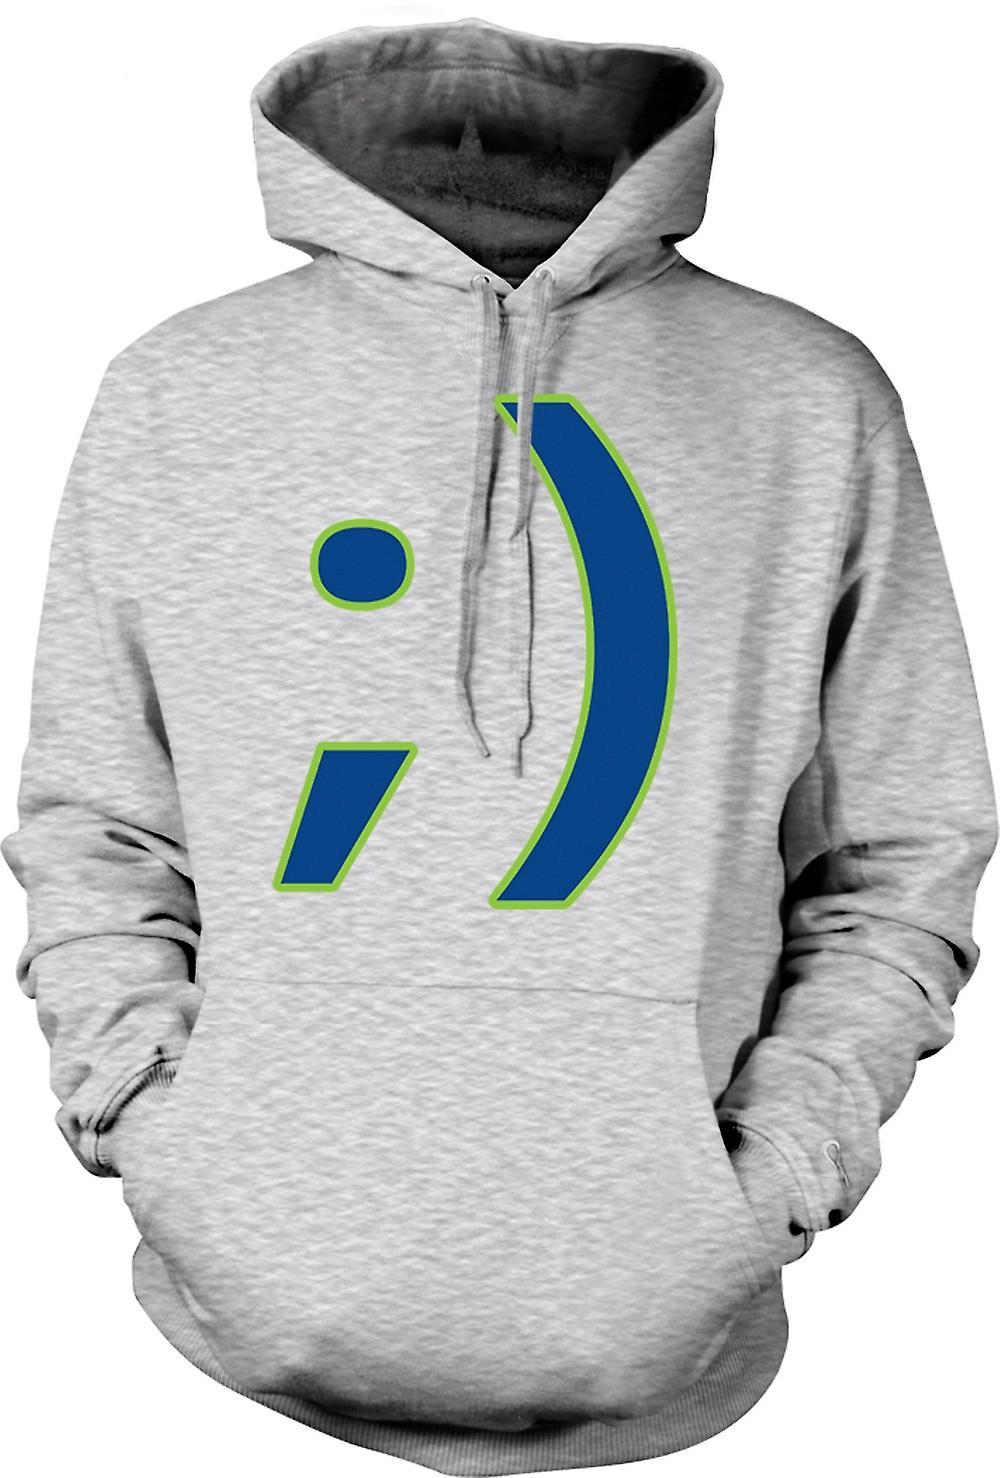 Mens Hoodie - Smiley - Funny